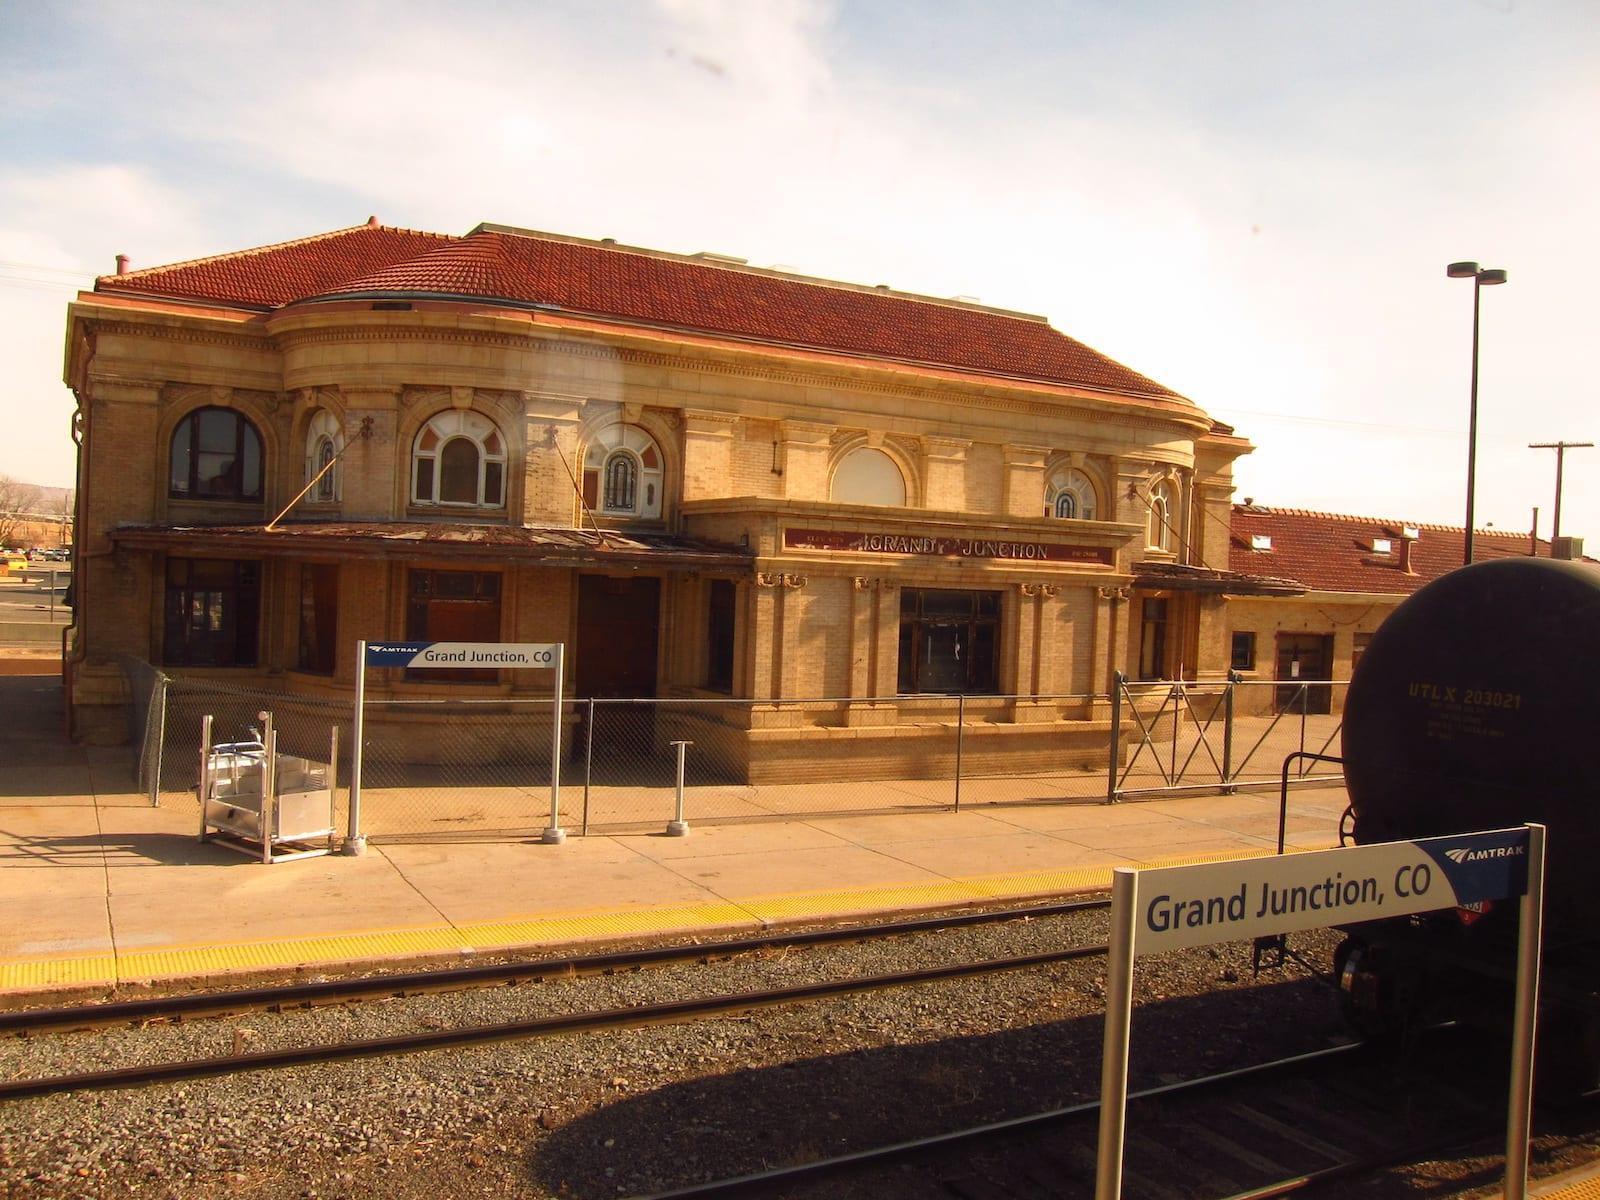 Grand Junction CO Amtrak Station